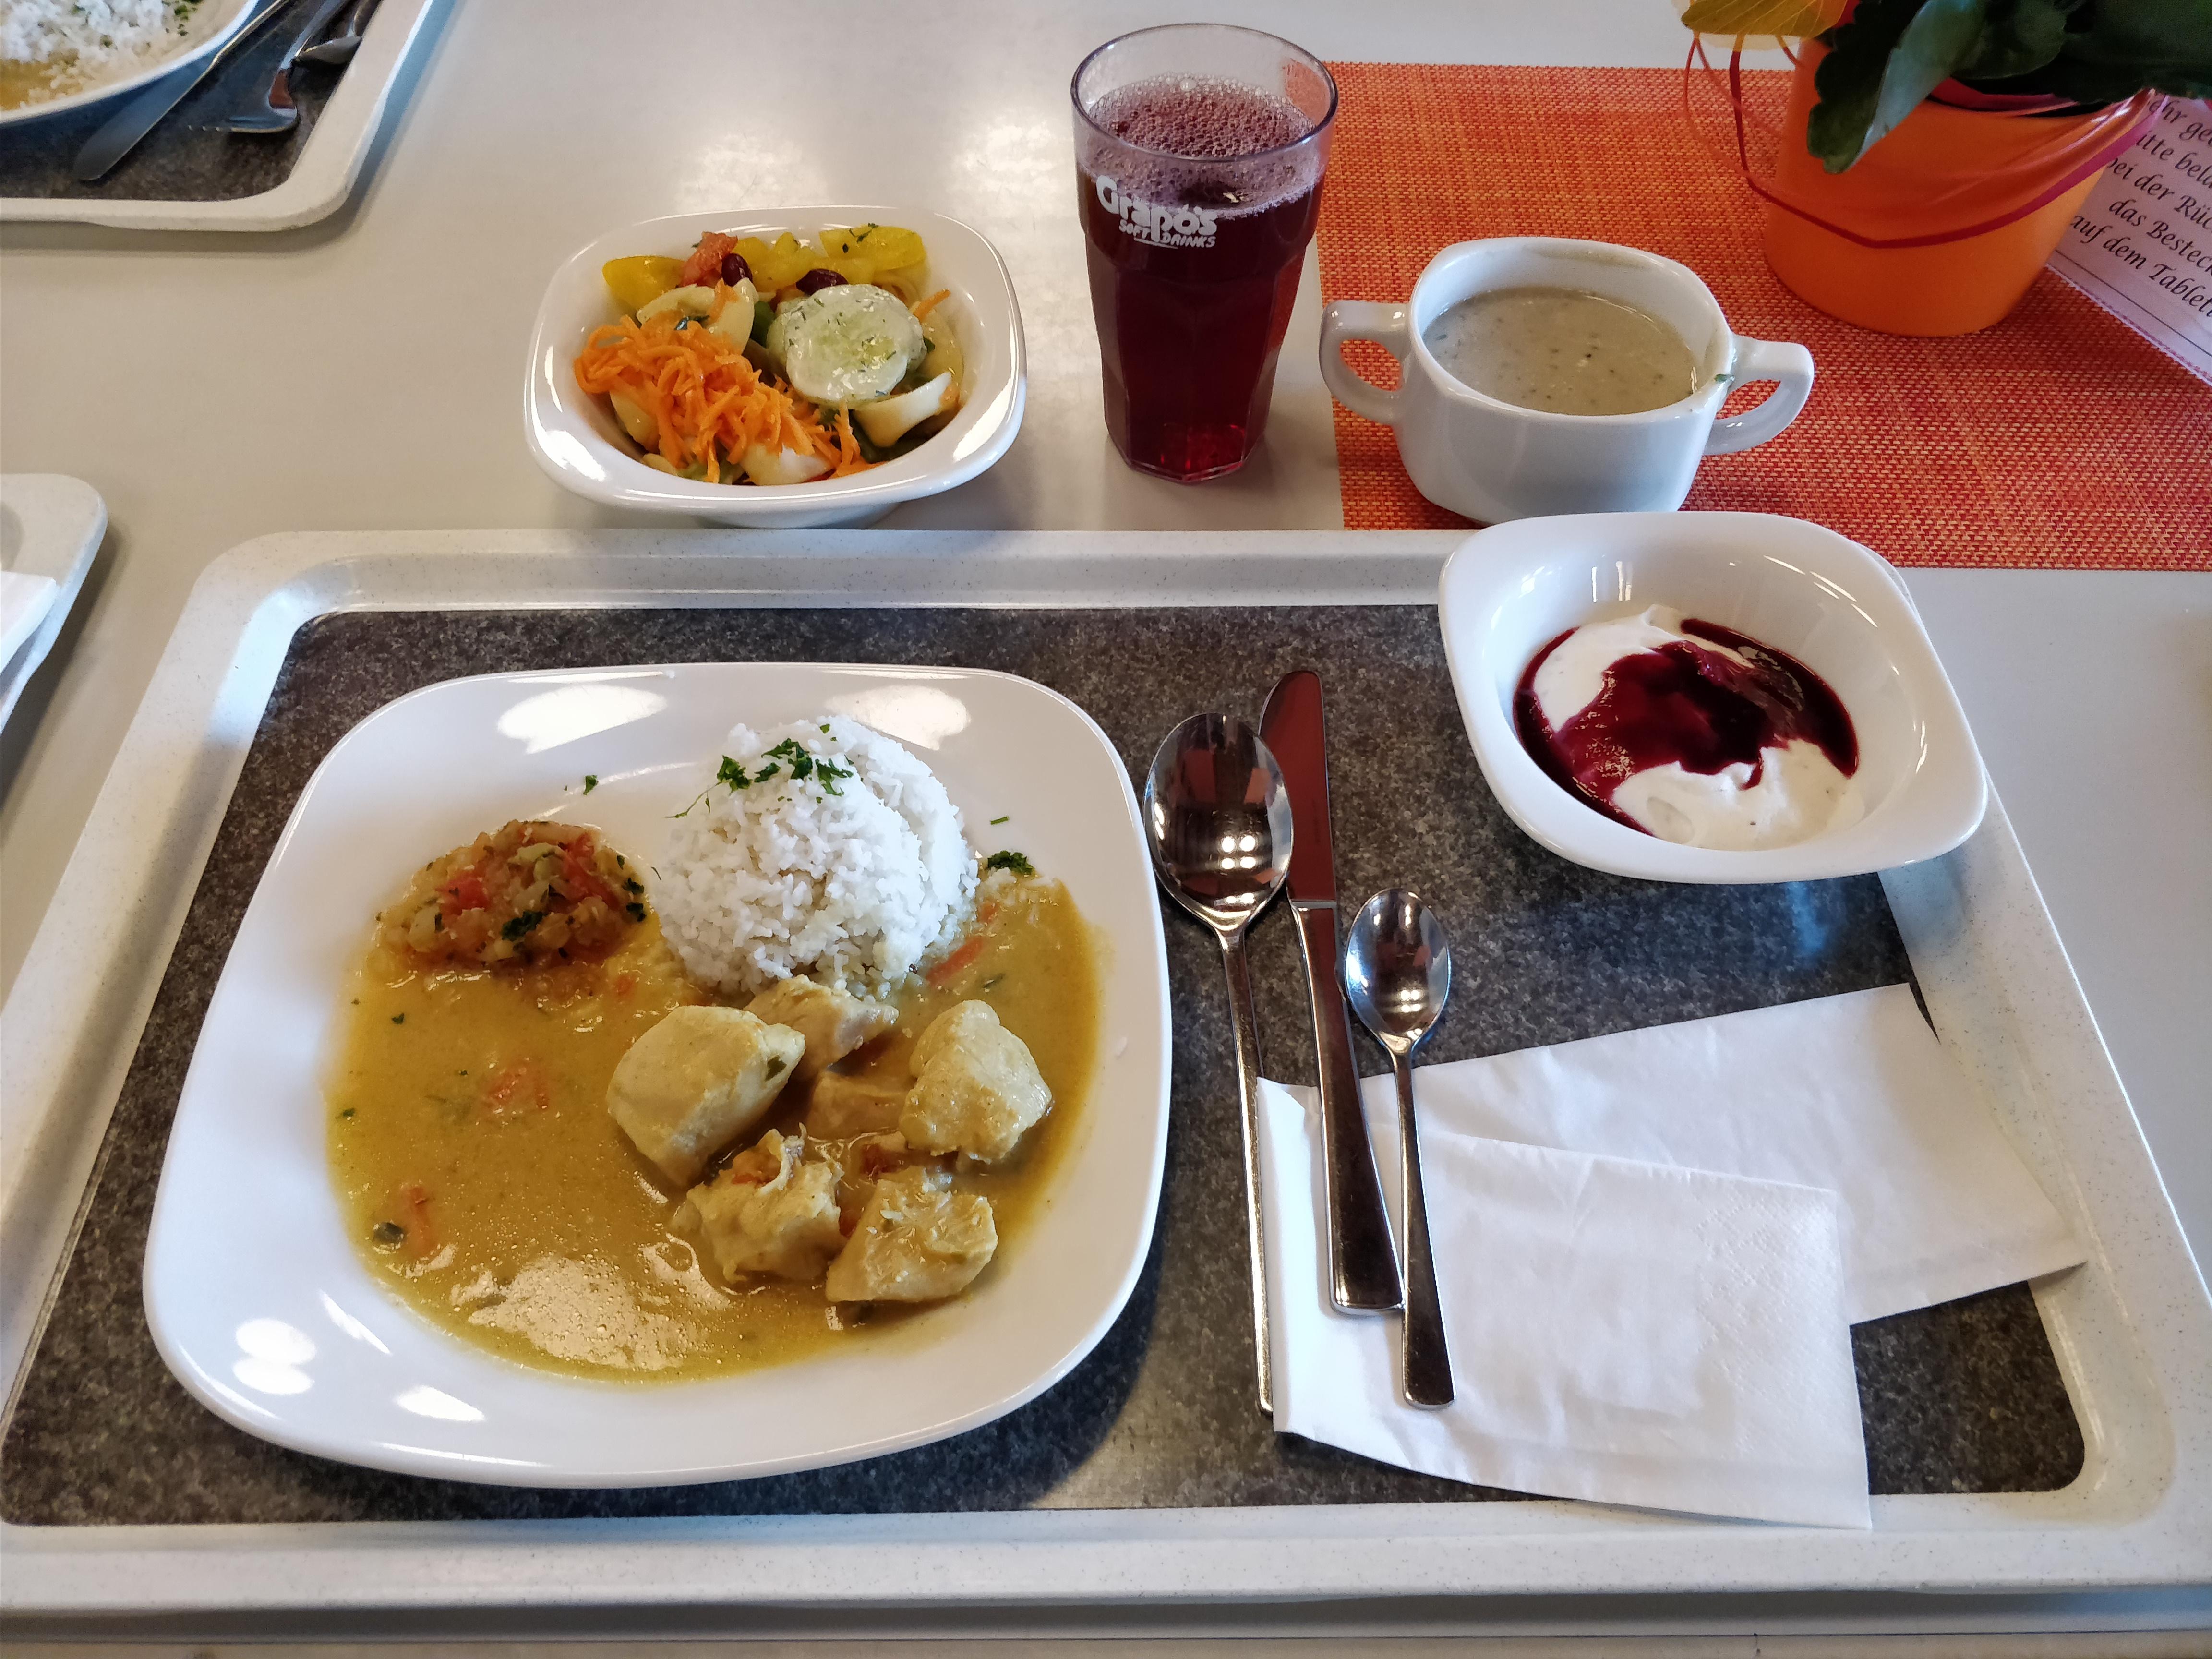 http://foodloader.net/nico_2017-10-17_reis-chicken-suppe-tortellinisalat-nachtisch.jpg